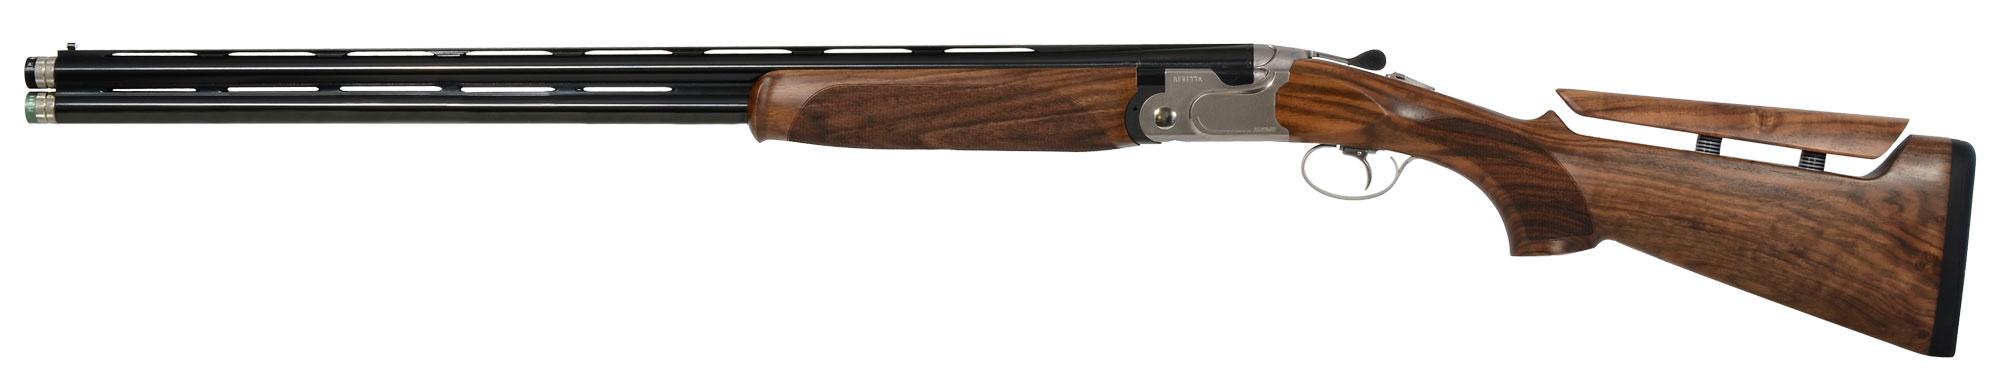 Beretta 692 Sporting B-Fast 12-ga 30